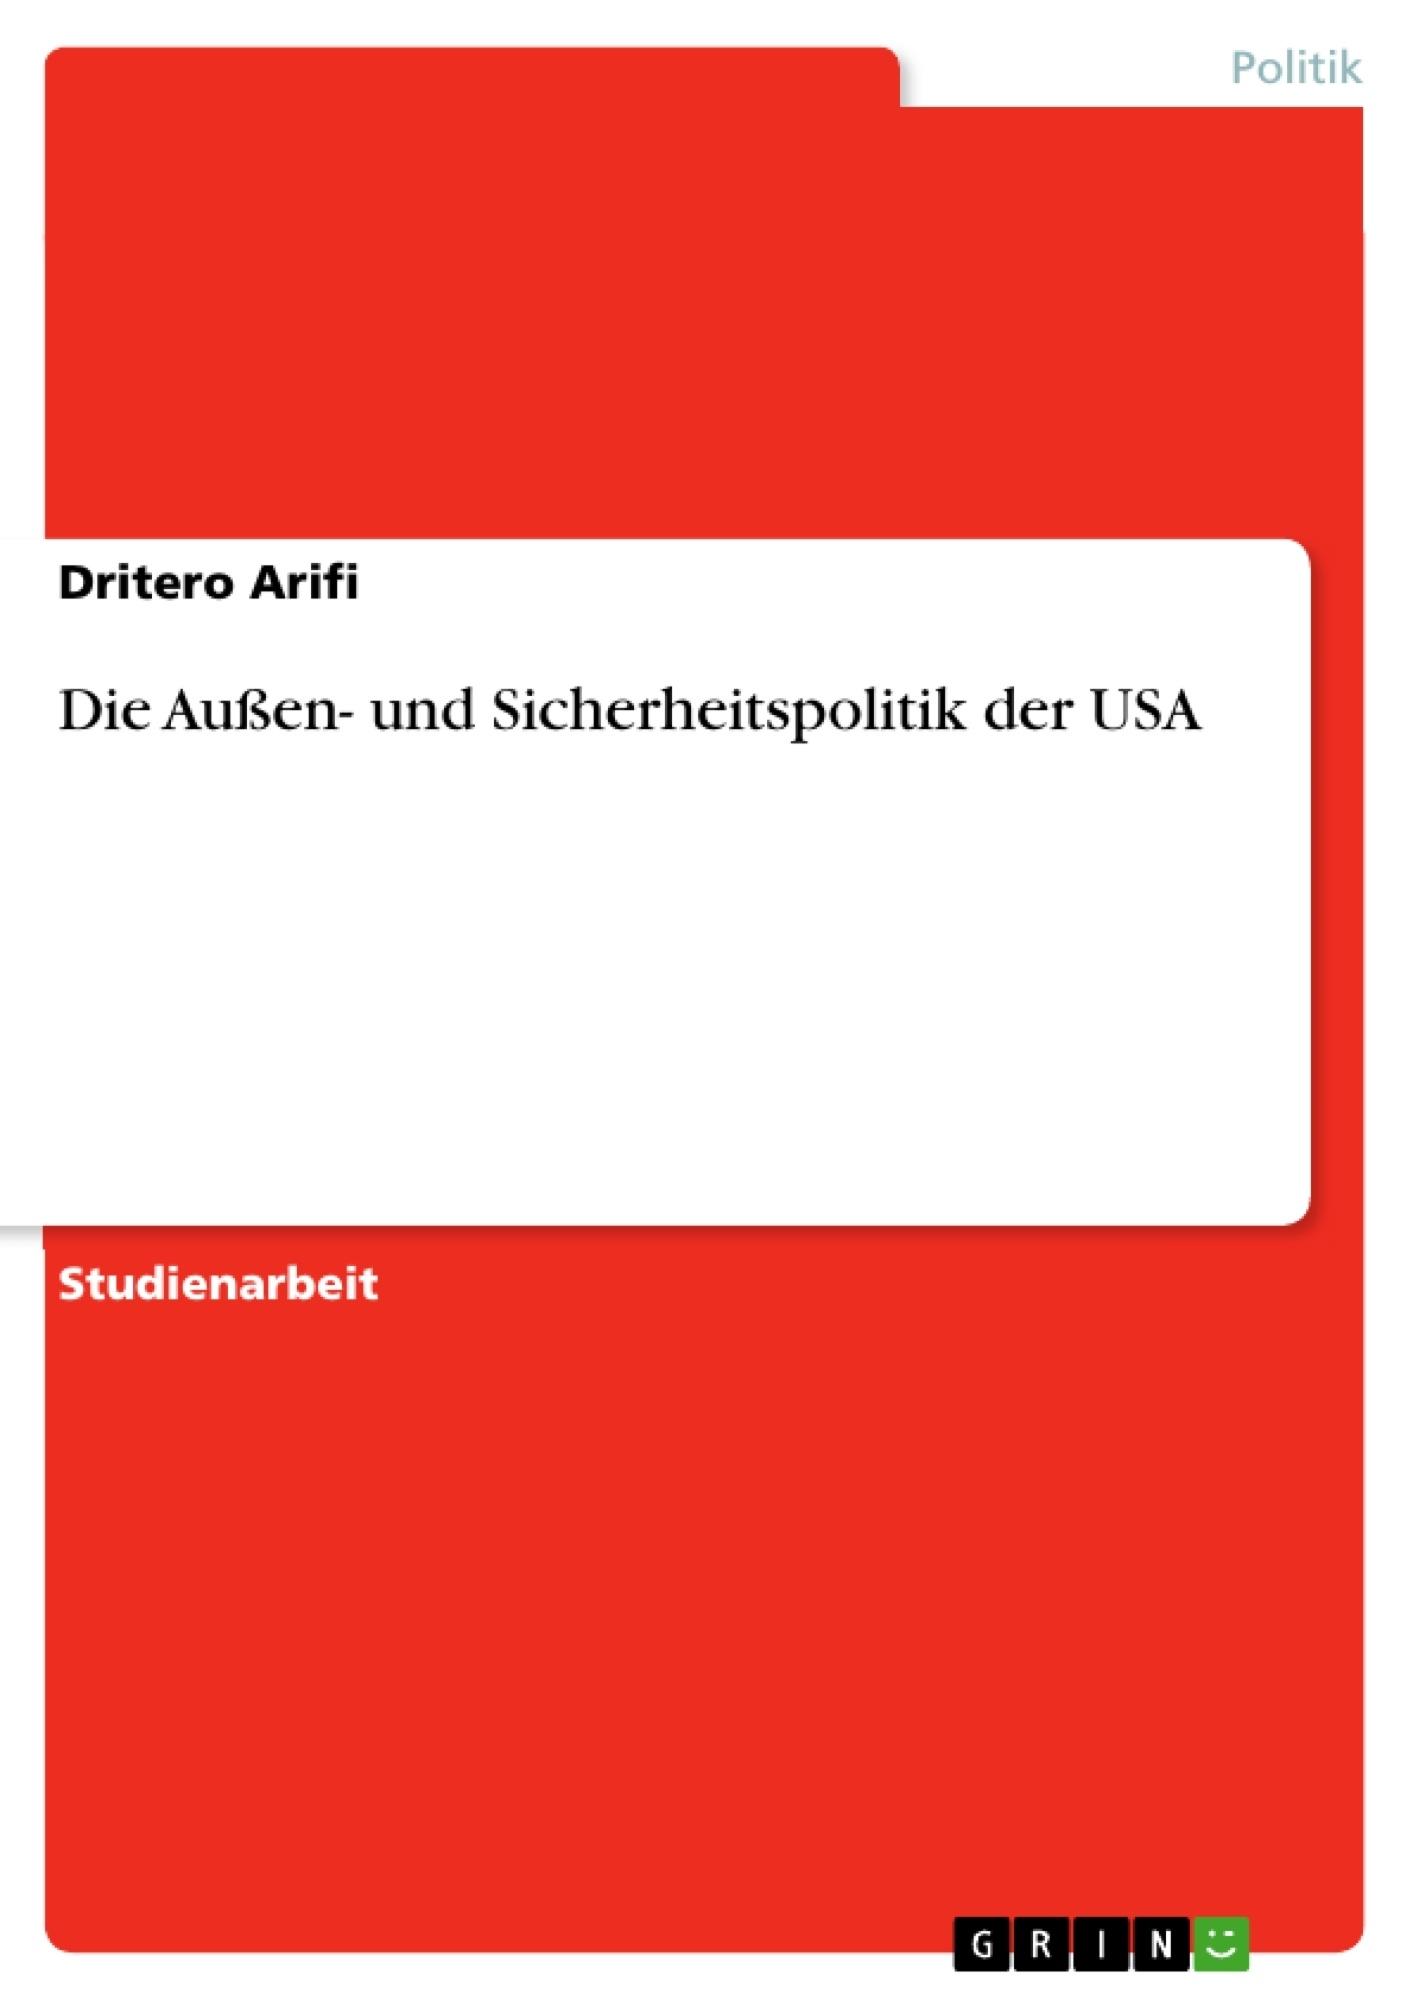 Titel: Die Außen- und Sicherheitspolitik der USA